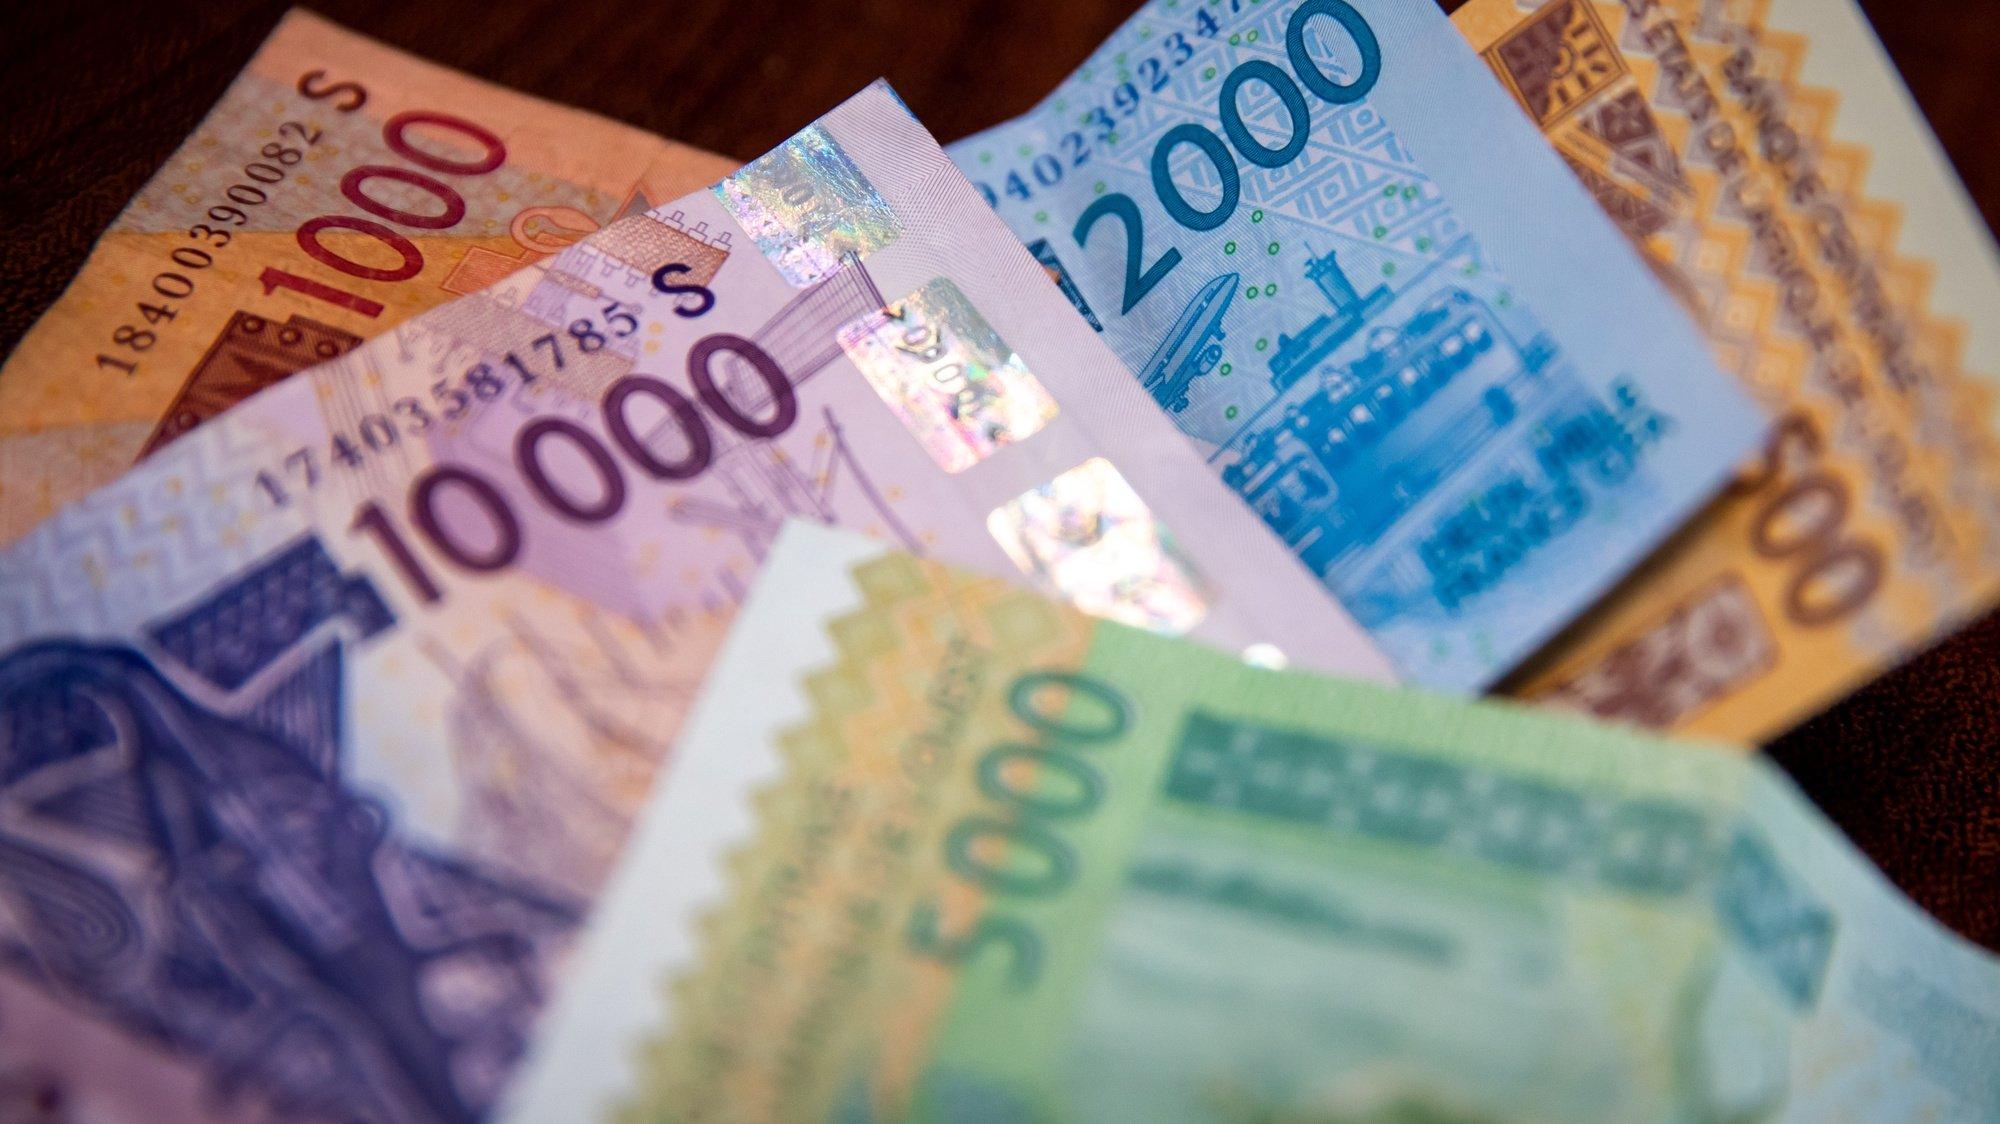 Notas de Franco CFA, moeda oficial da Guiné-Bissau, 18 de maio de 2021. JOSÉ SENA GOULÃO/LUSA